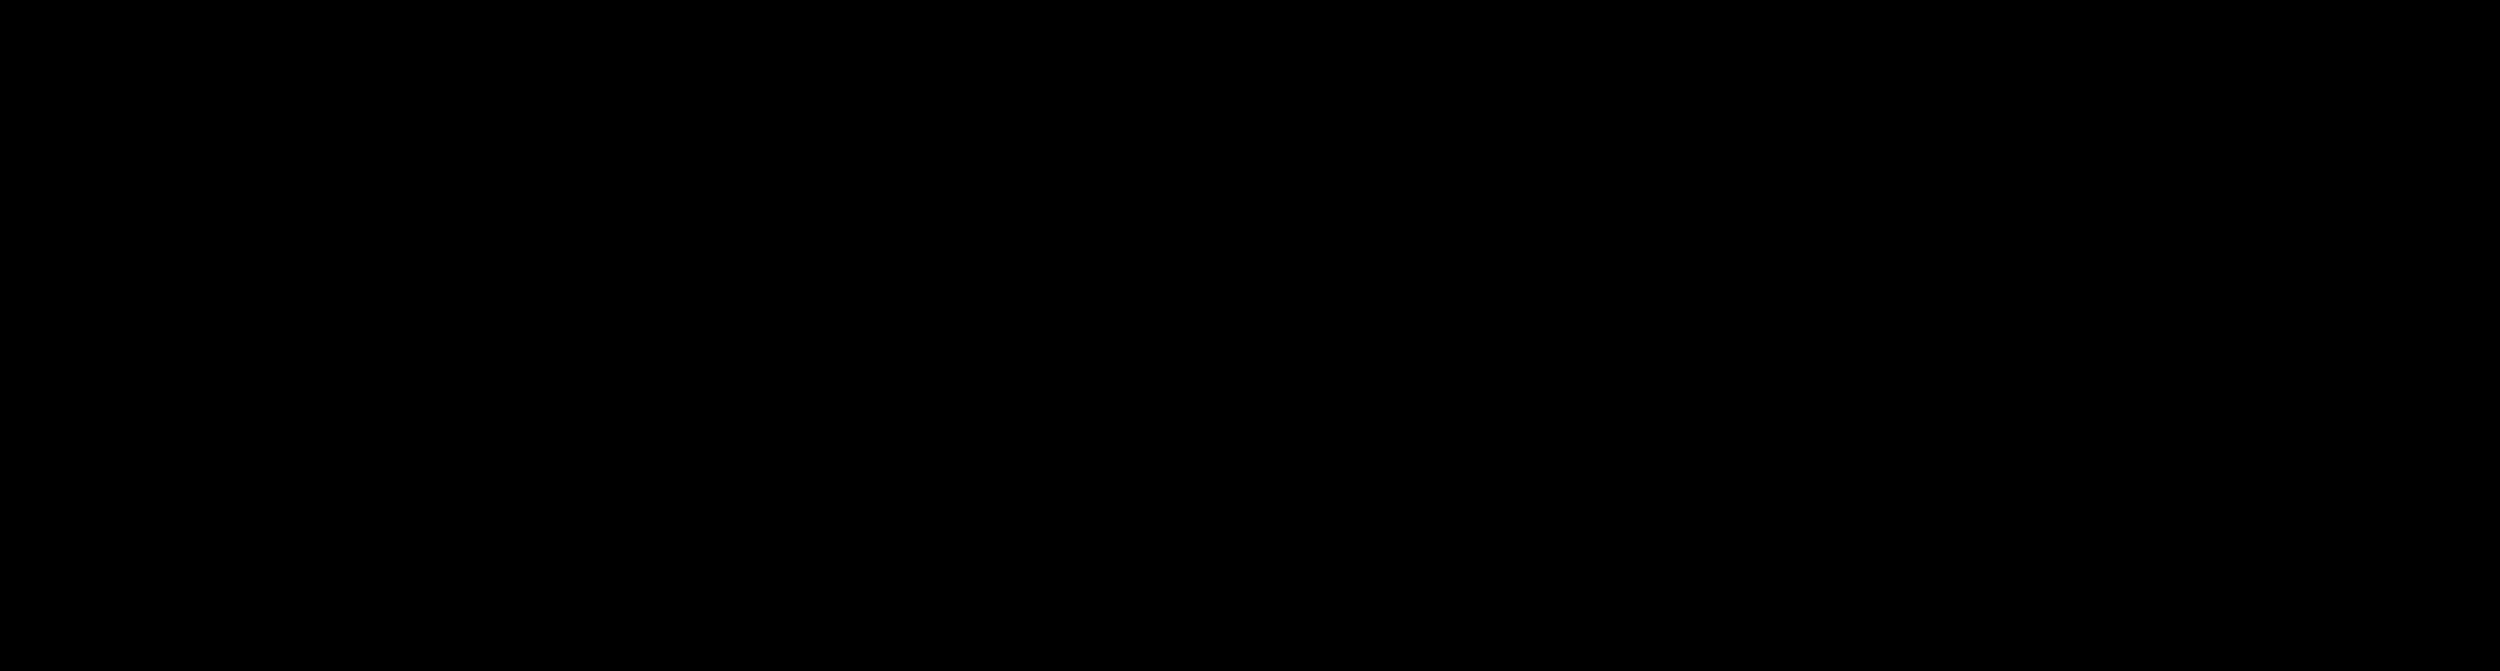 WHW-logo-horizontal-black.png